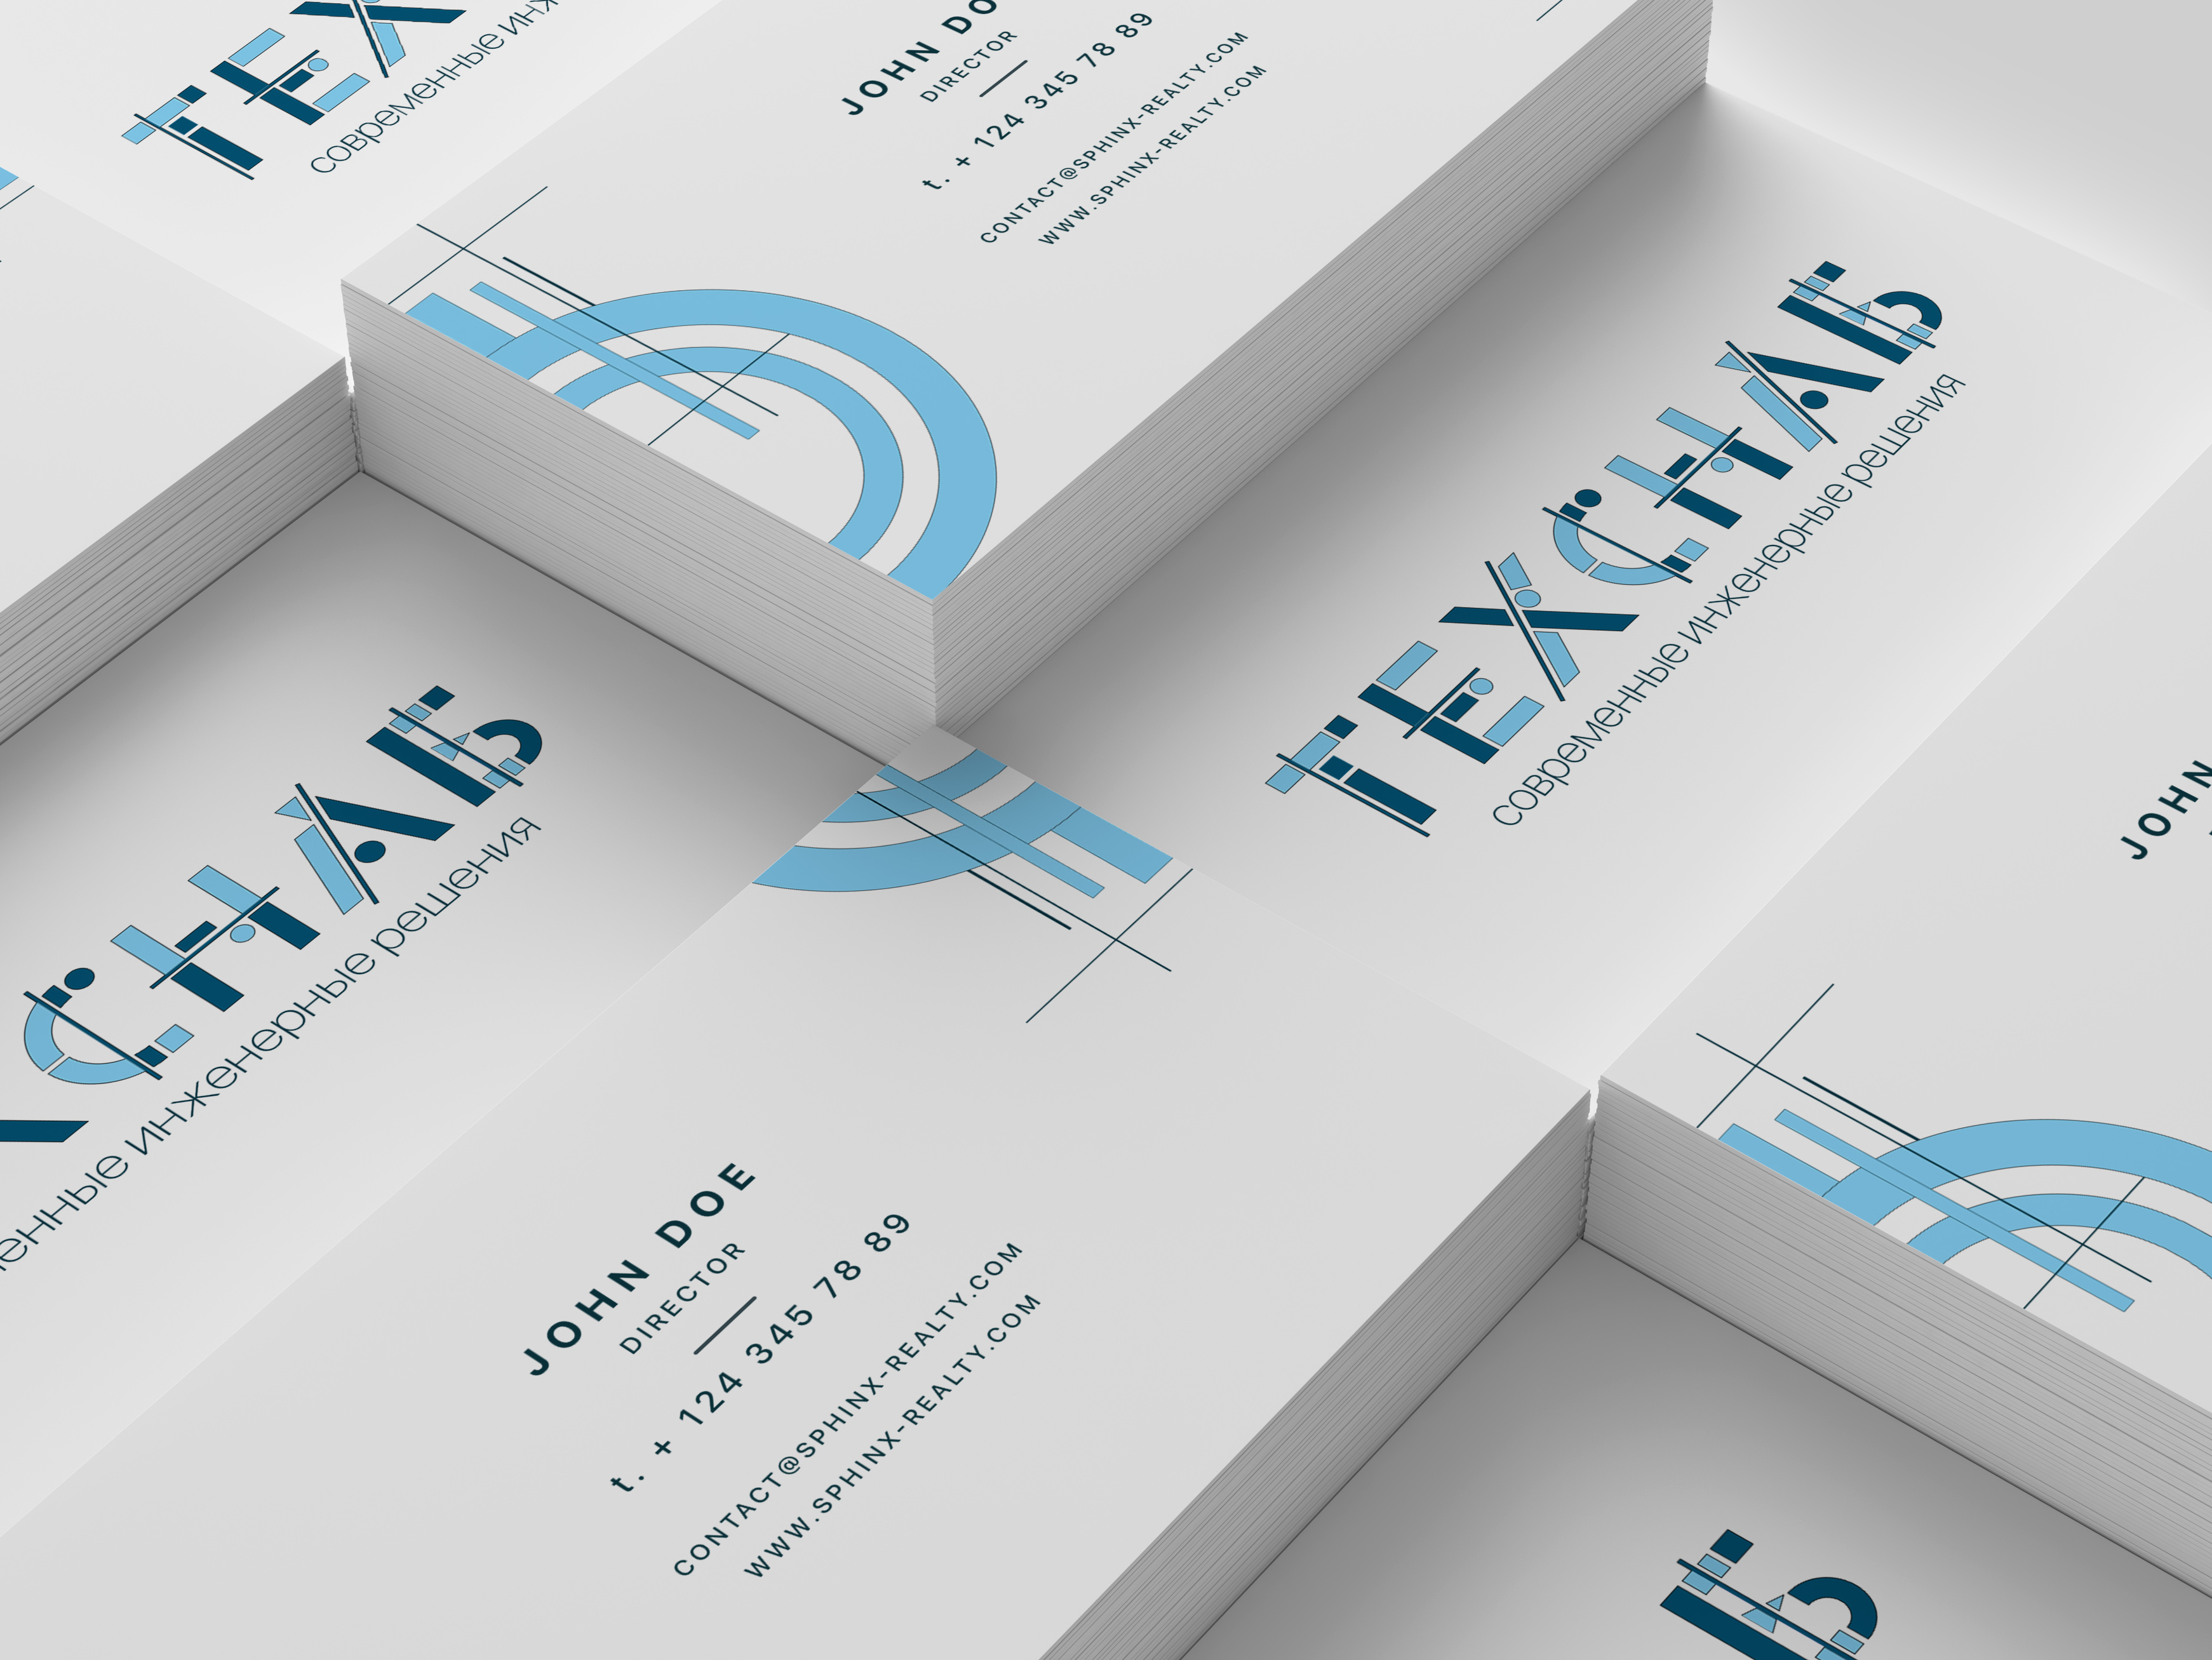 Разработка логотипа и фирм. стиля компании  ТЕХСНАБ фото f_5115b1e6b18627e4.jpg